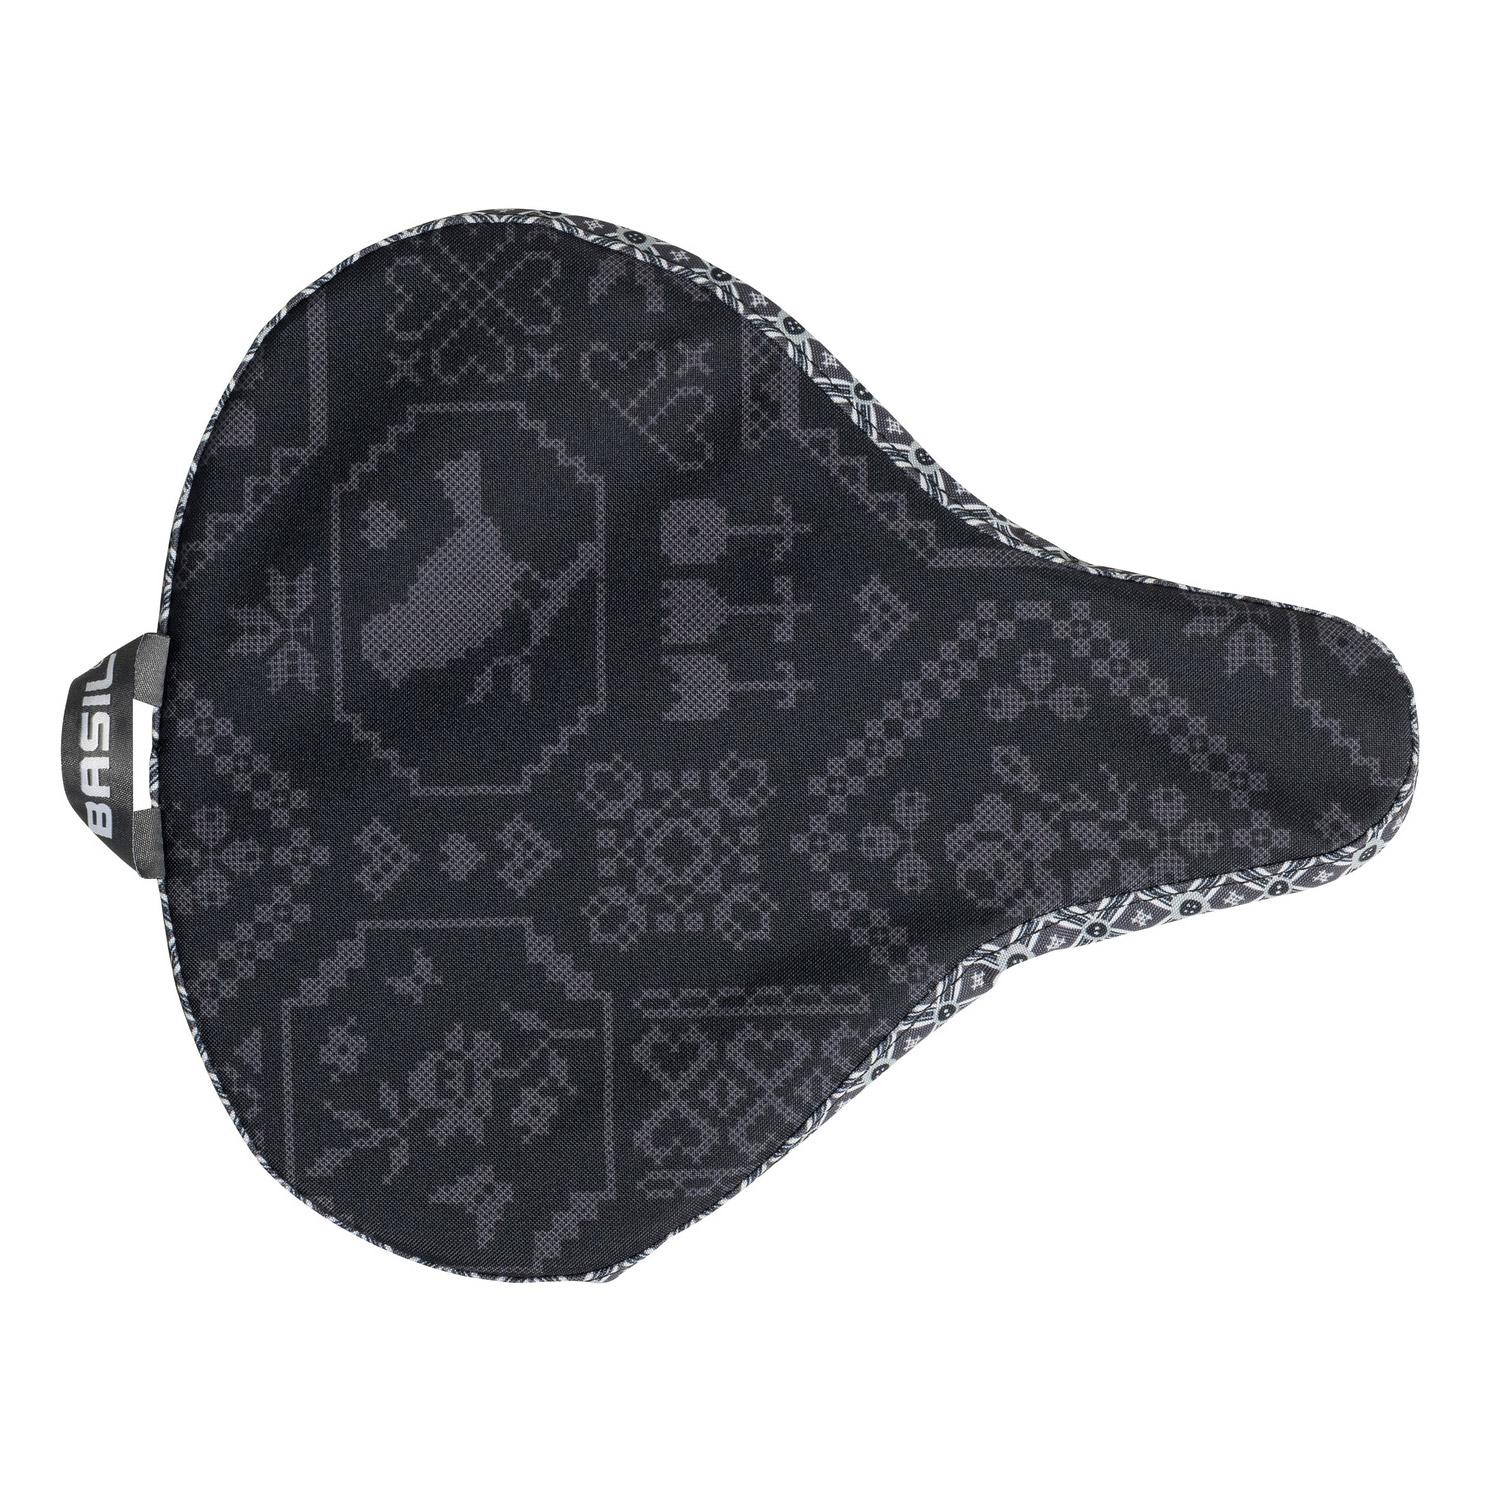 basil boheme city bag lenkertasche klickfix 7l charcoal ebay. Black Bedroom Furniture Sets. Home Design Ideas